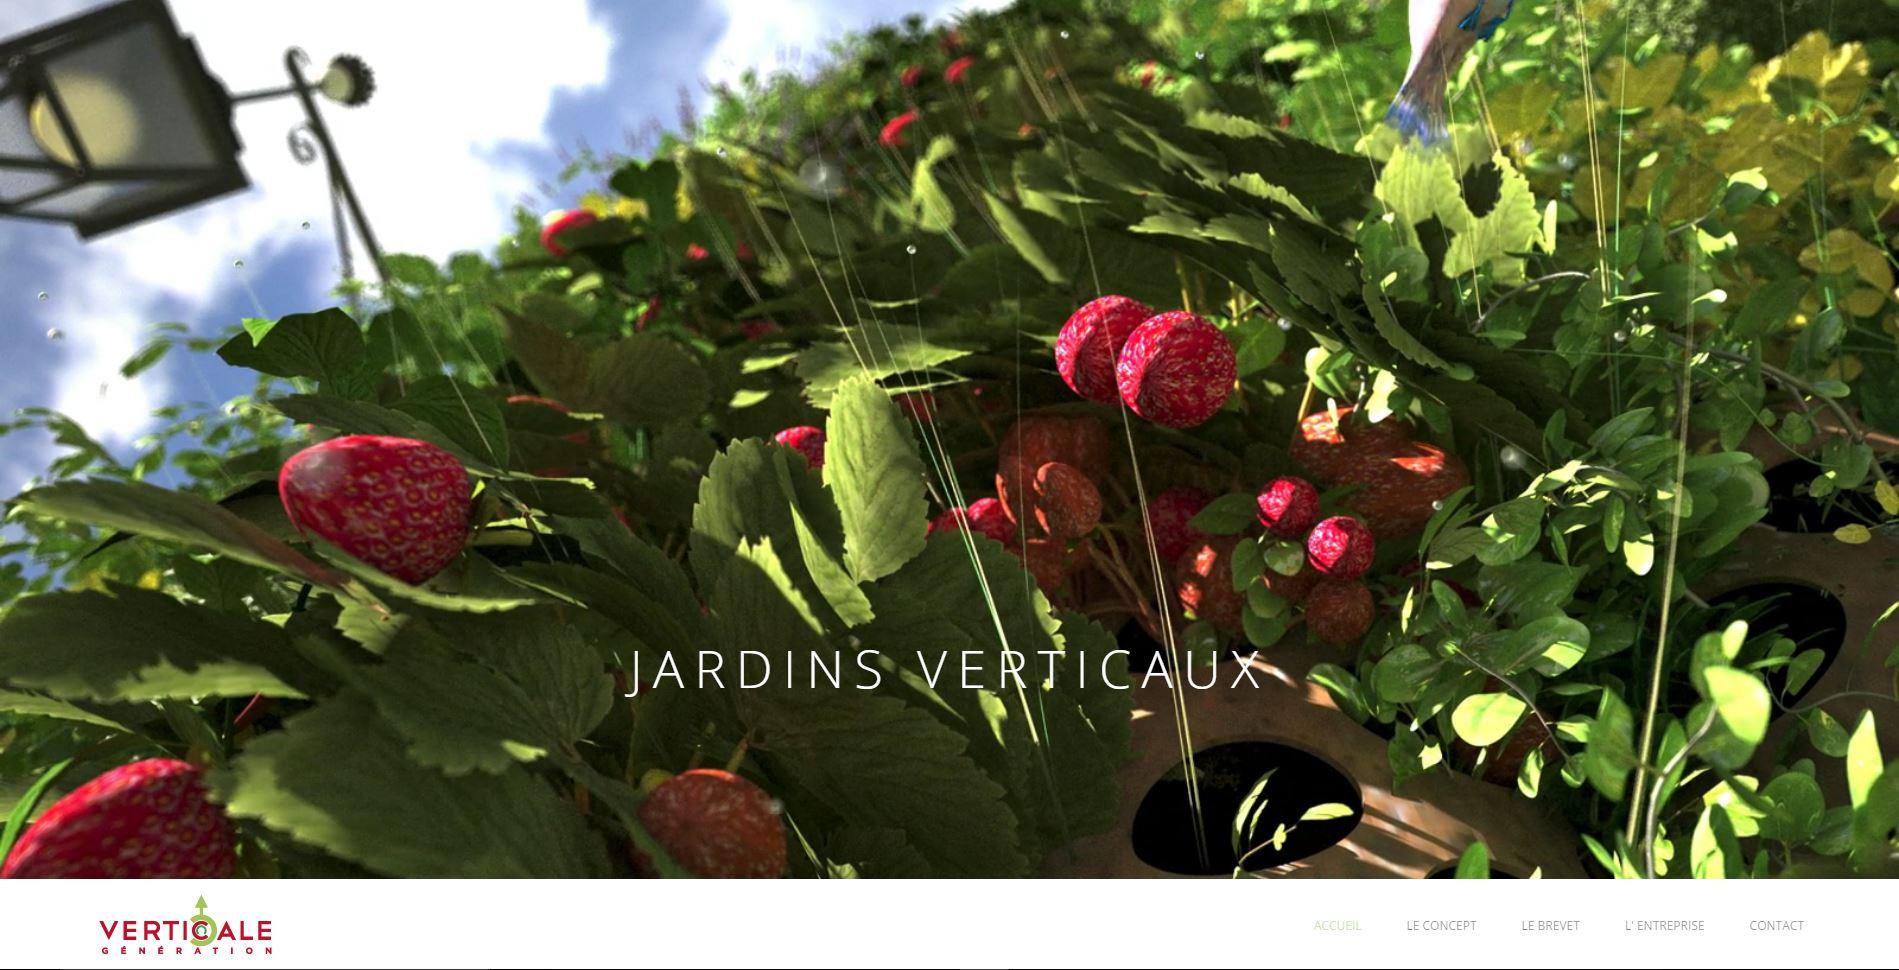 vertical-jidf